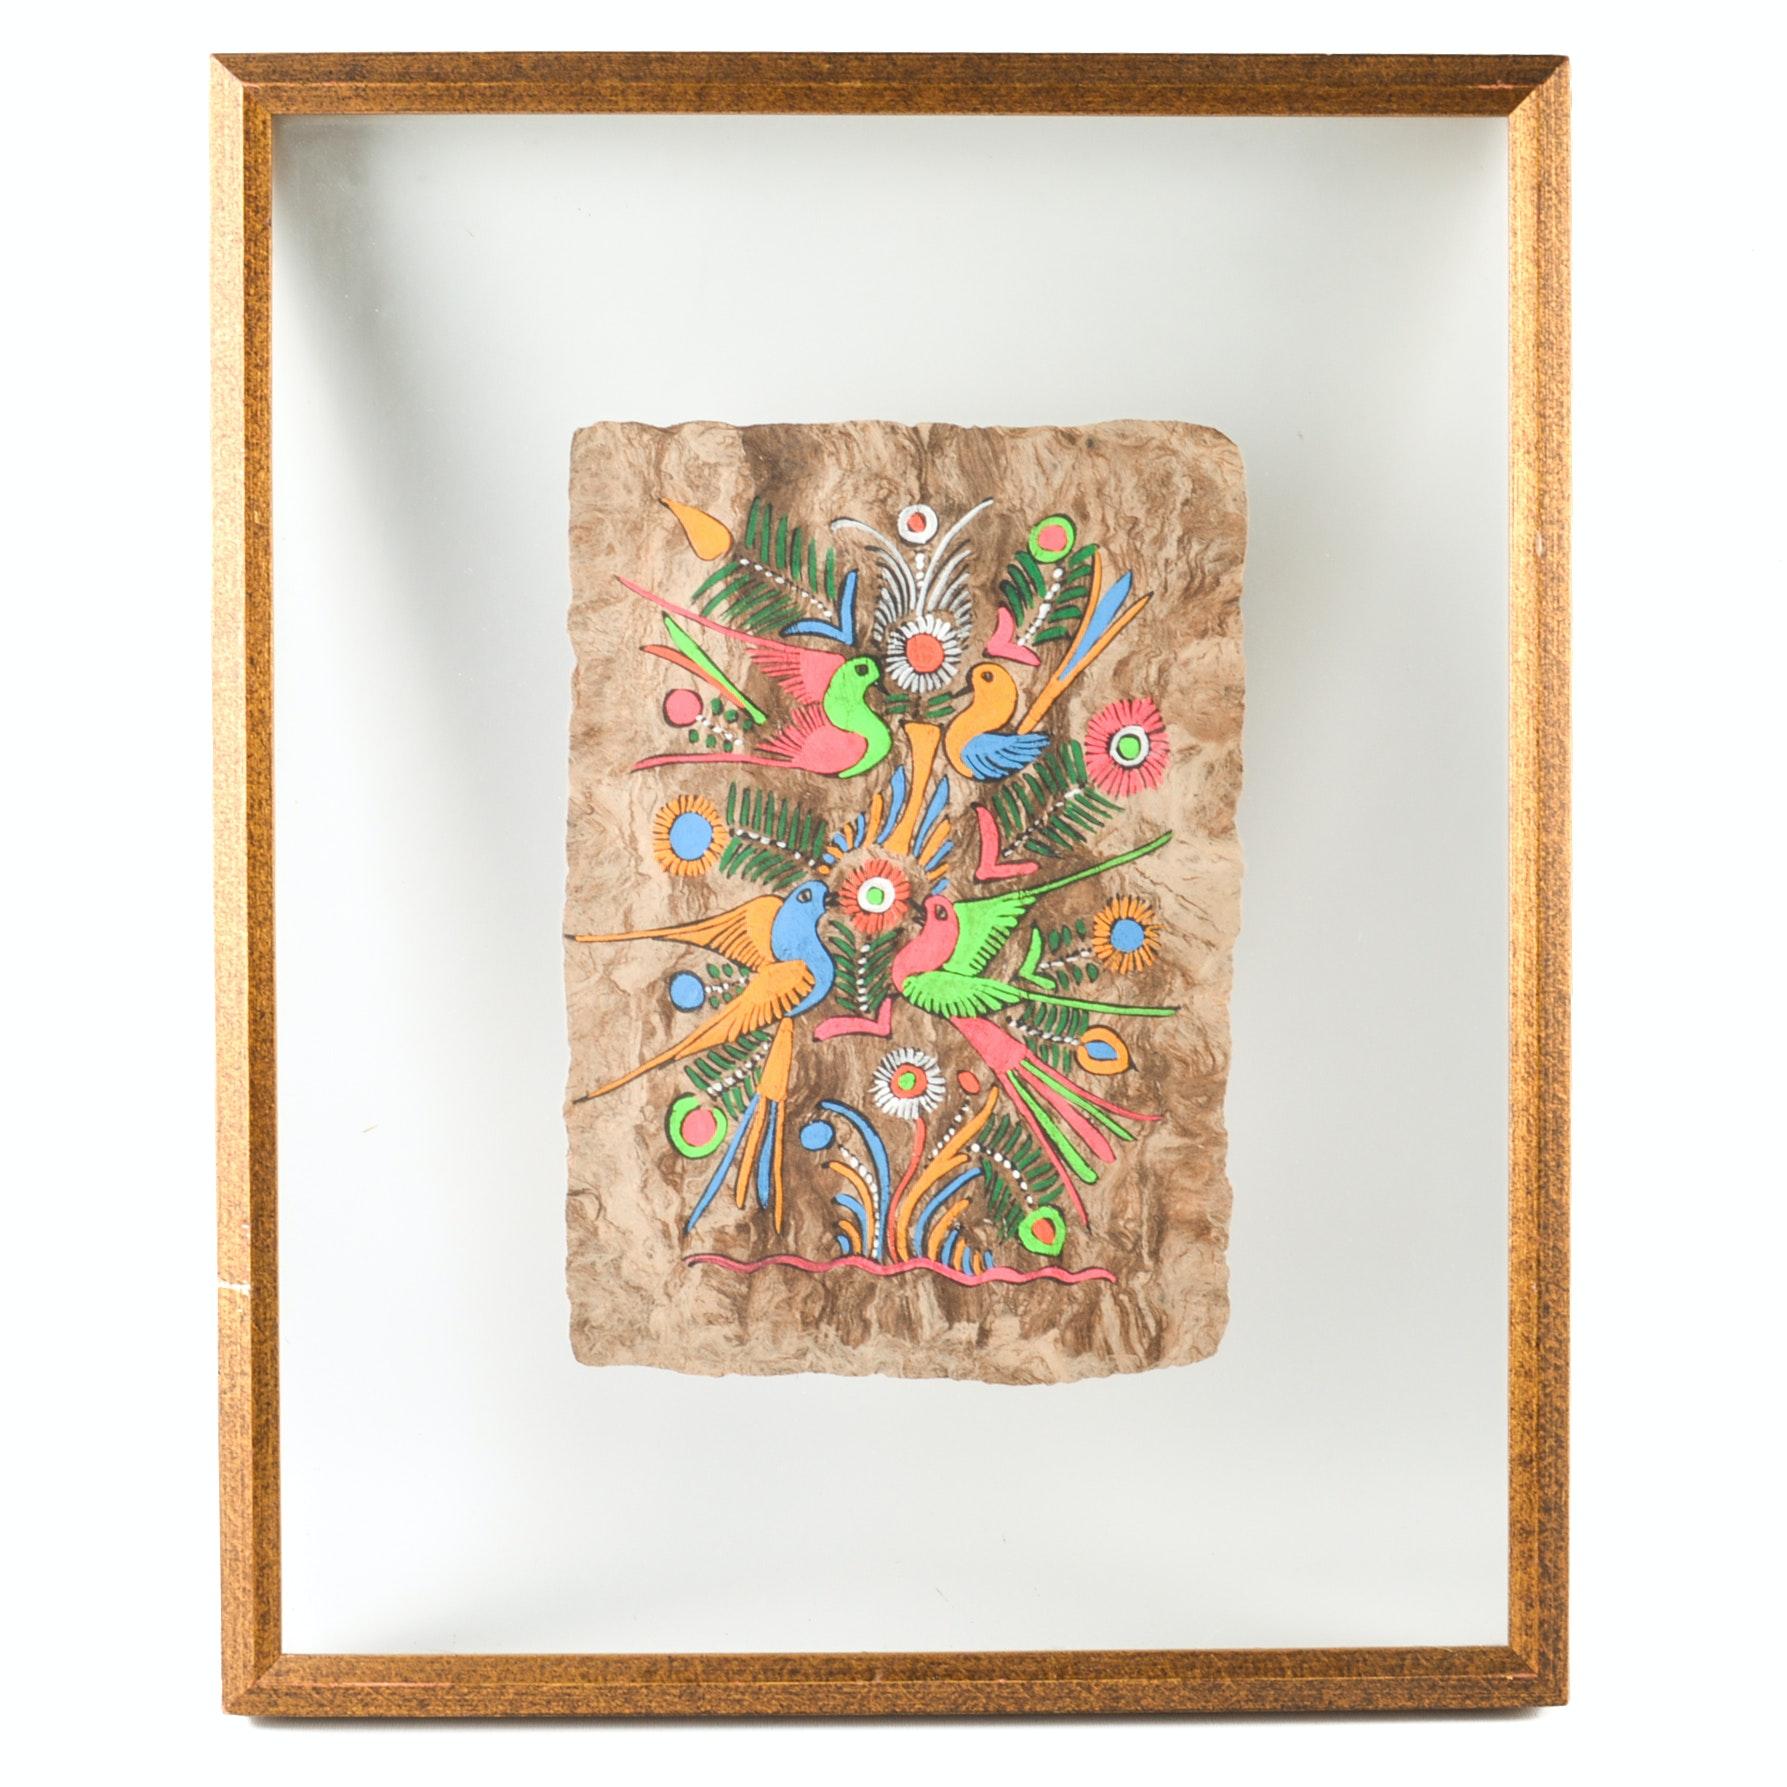 Mexican Amate Bark Folk Art Painting